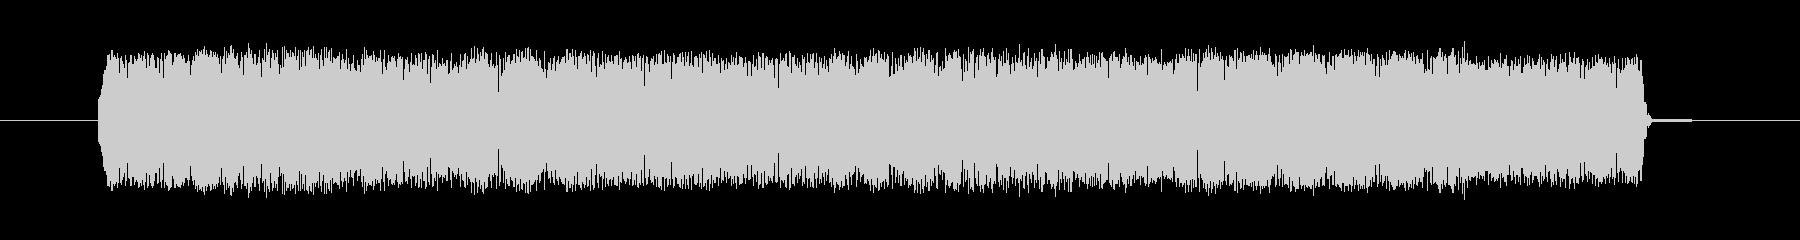 ゲーム アーケードレース01の未再生の波形